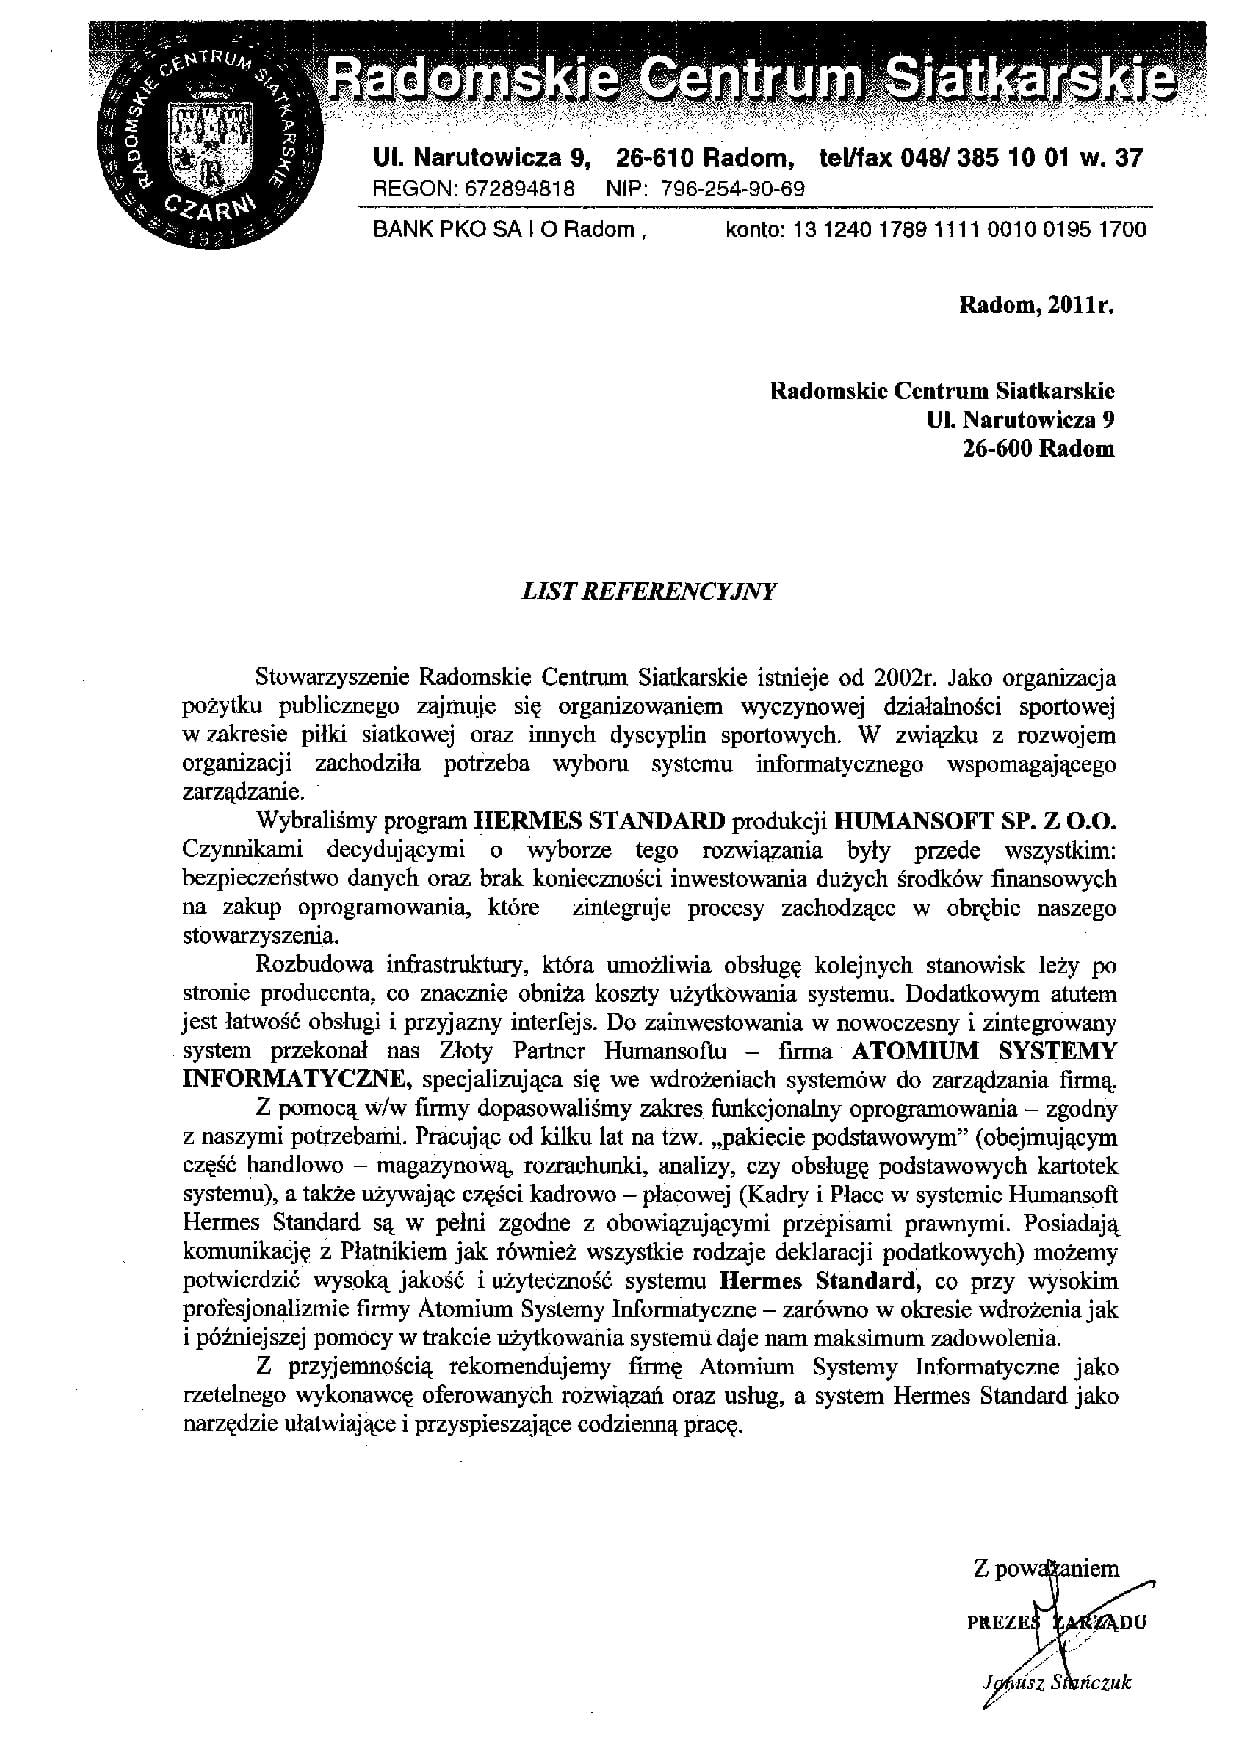 RCS - list referencyjny